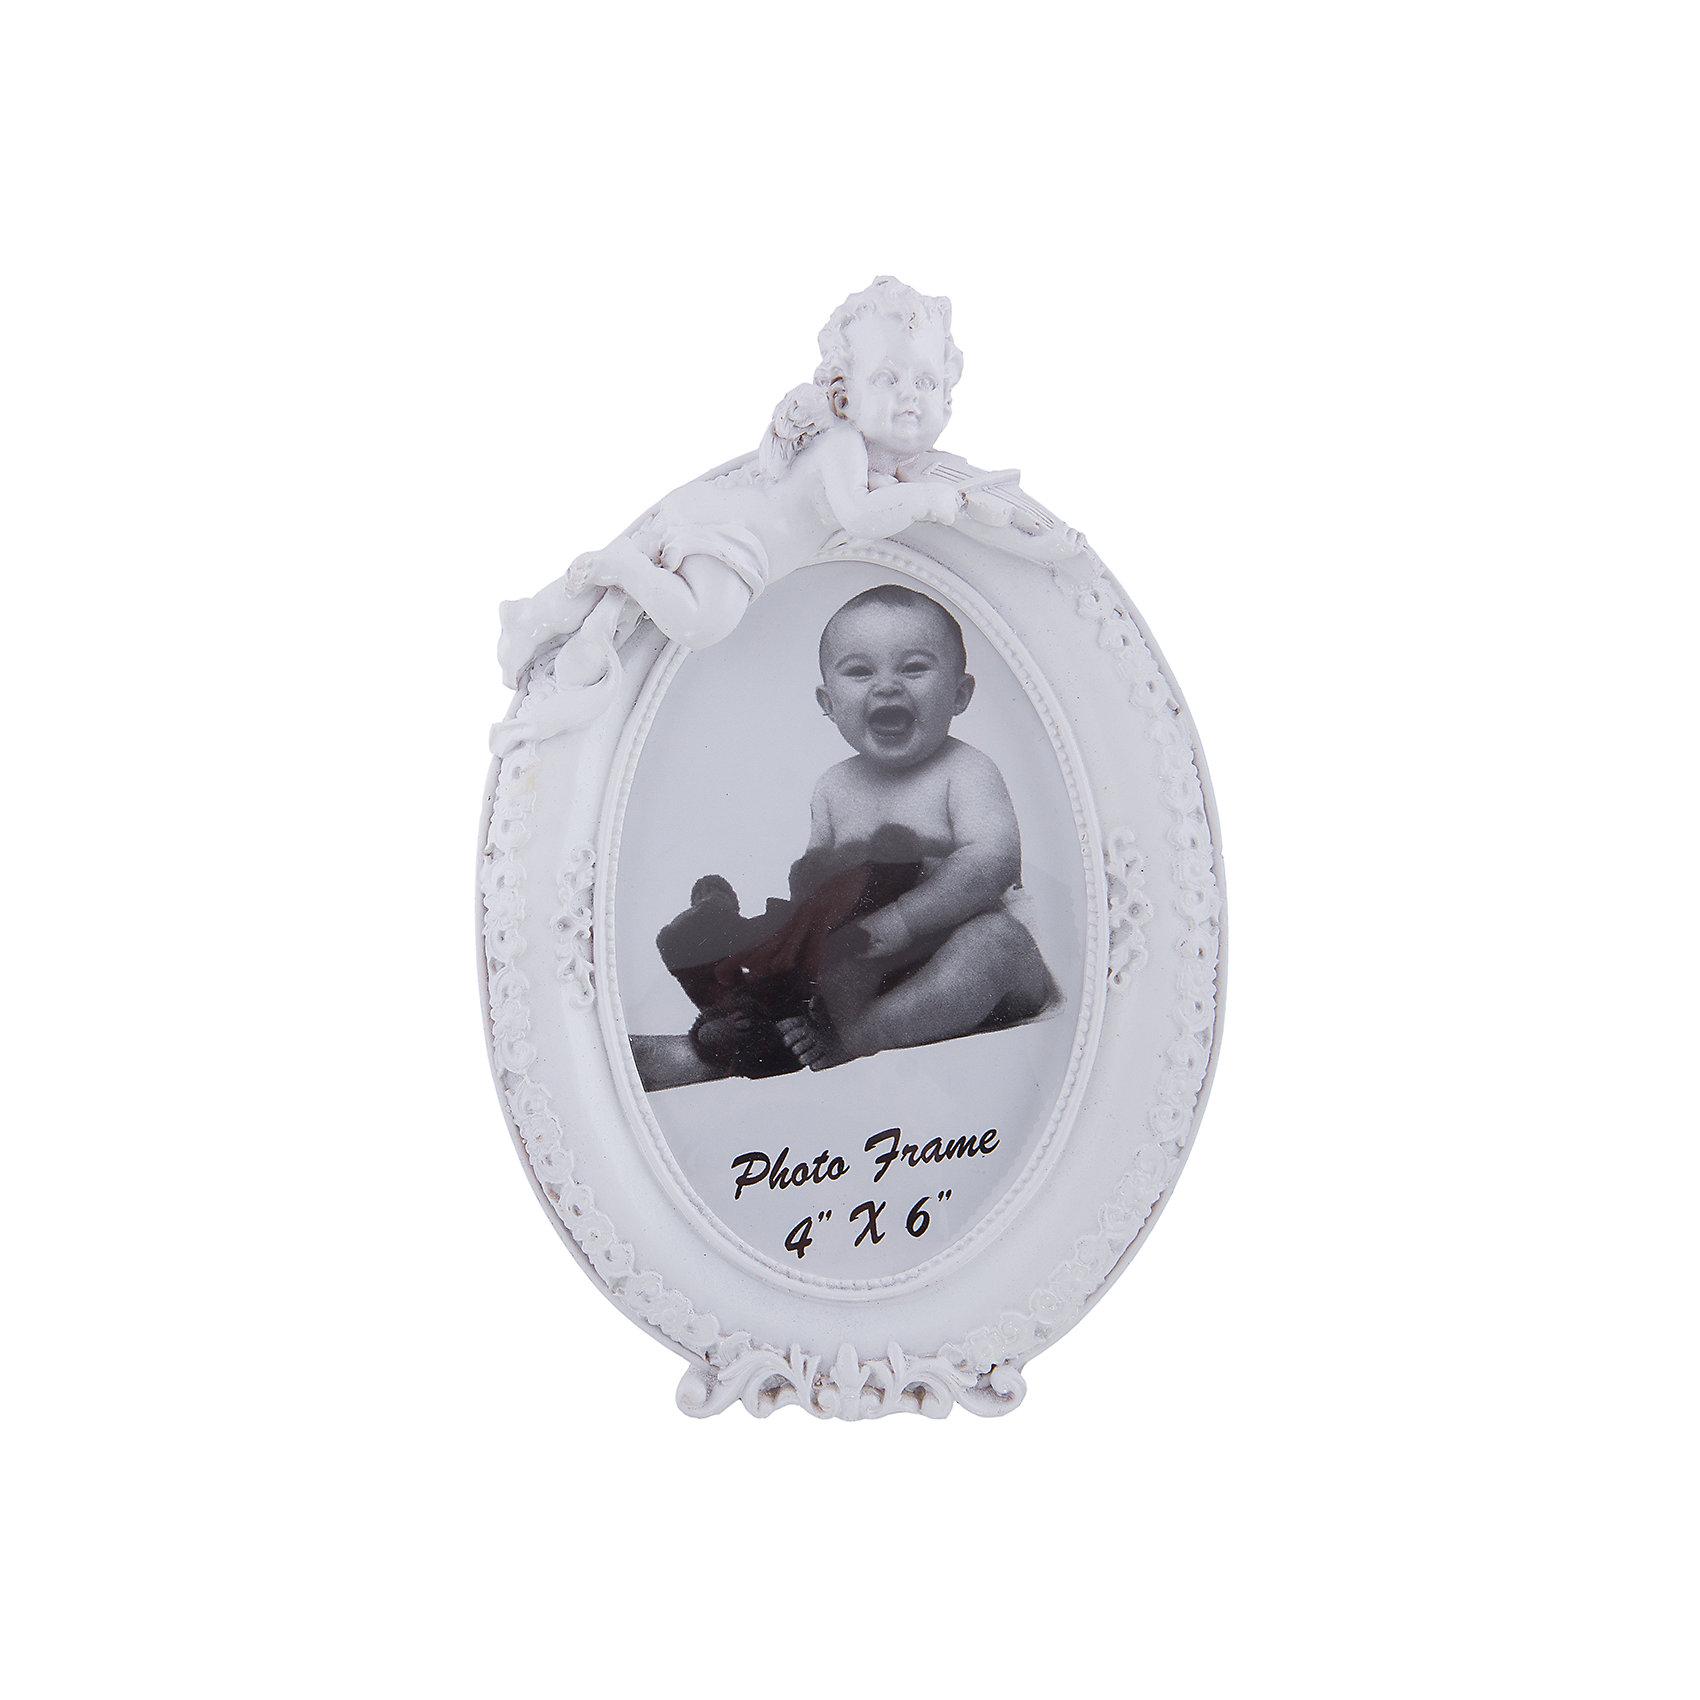 Фоторамка декоративная АНГЕЛ СО СКРИПКОЙДекоративная фоторамка Ангел со скрипкой сохранит фотографии близких людей и счастливых моментов жизни. Рельефная рамка украшена очаровательным ангелочком, есть удобная ножка для установки на стол или полку. Эта замечательная рамка займет достойное место в вашей комнате и поможет сохранить рядом самые важные моменты!<br><br>Дополнительная информация:<br>Цвет: белый<br>Материал: полирезин, пластик, картон<br>Размер рамки: 13,8х20,5х3,2 см<br>Размер фотографии: 10х15 см<br>Вес: 270 грамм<br>Декоративную фоторамку Ангел со скрипкой вы можете купить в нашем интернет-магазине.<br><br>Ширина мм: 420<br>Глубина мм: 360<br>Высота мм: 490<br>Вес г: 281<br>Возраст от месяцев: 84<br>Возраст до месяцев: 216<br>Пол: Унисекс<br>Возраст: Детский<br>SKU: 4957945